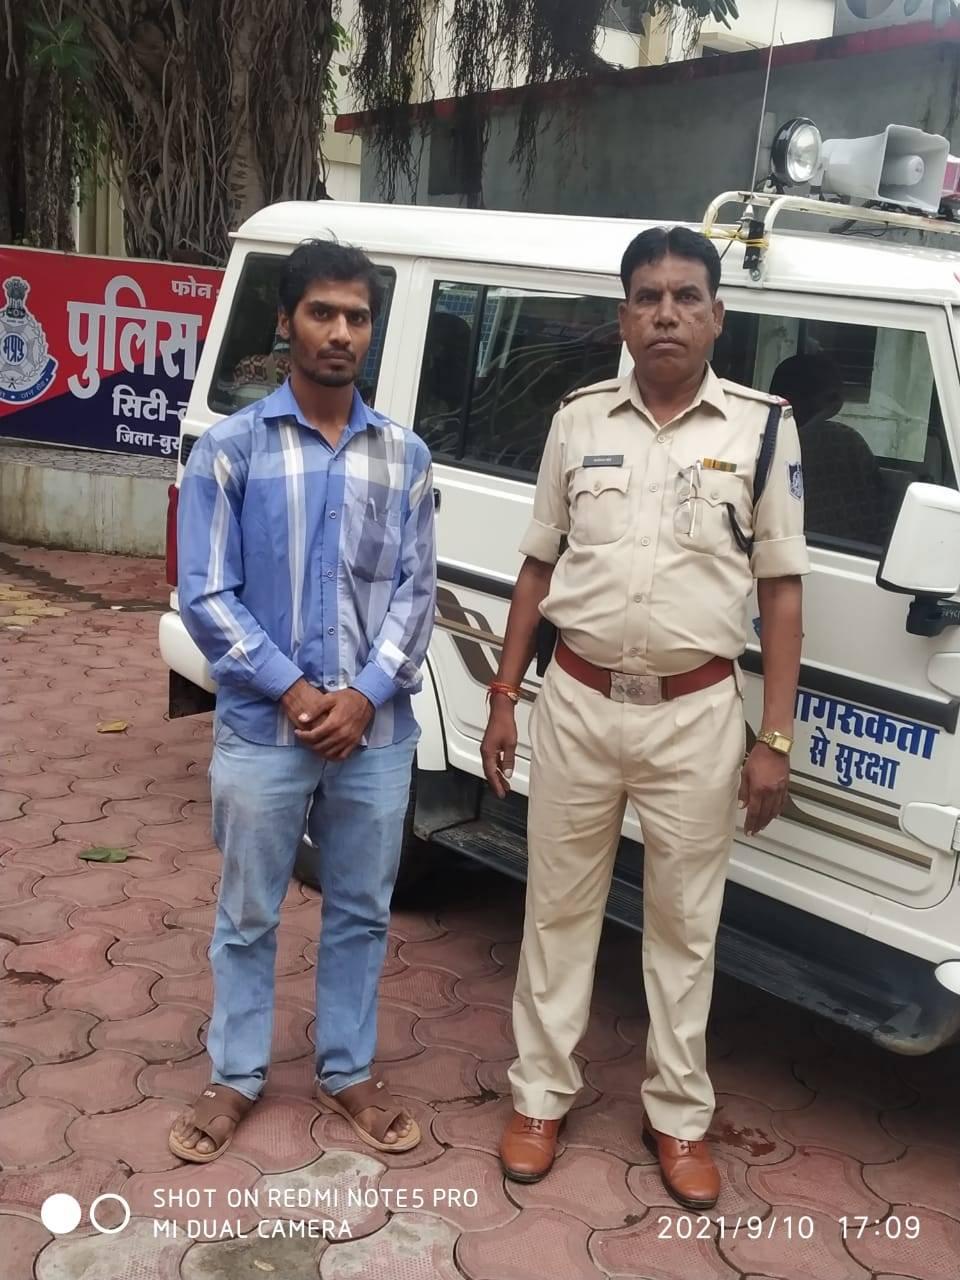 नकली हिना हेयर कलर बनाने वाले आरोपी गिरफ्तार, कॉपीराइट और ट्रेडमार्क एक्ट के तहत मामला दर्ज|बुरहानपुर,Burhanpur - Dainik Bhaskar